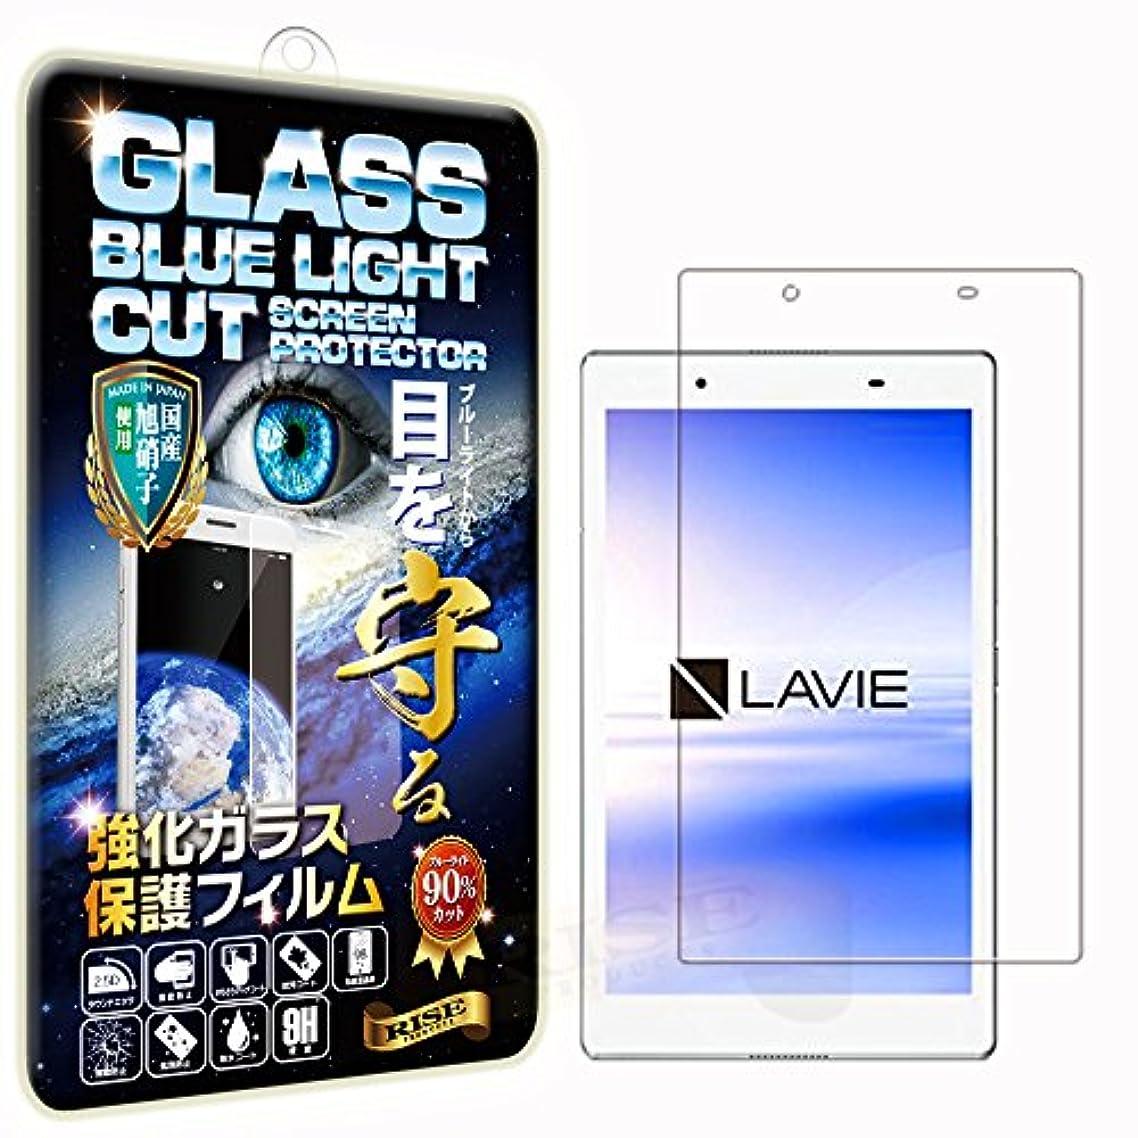 誓い放つ緯度【RISE】【ブルーライトカットガラス】NEC LAVIE Tab E TE508/HAW PC-TE508HAW 8インチ 強化ガラス保護フィルム 国産旭ガラス採用 ブルーライト90%カット 極薄0.33mガラス 表面硬度9H 2.5Dラウンドエッジ 指紋軽減 防汚コーティング ブルーライトカットガラス